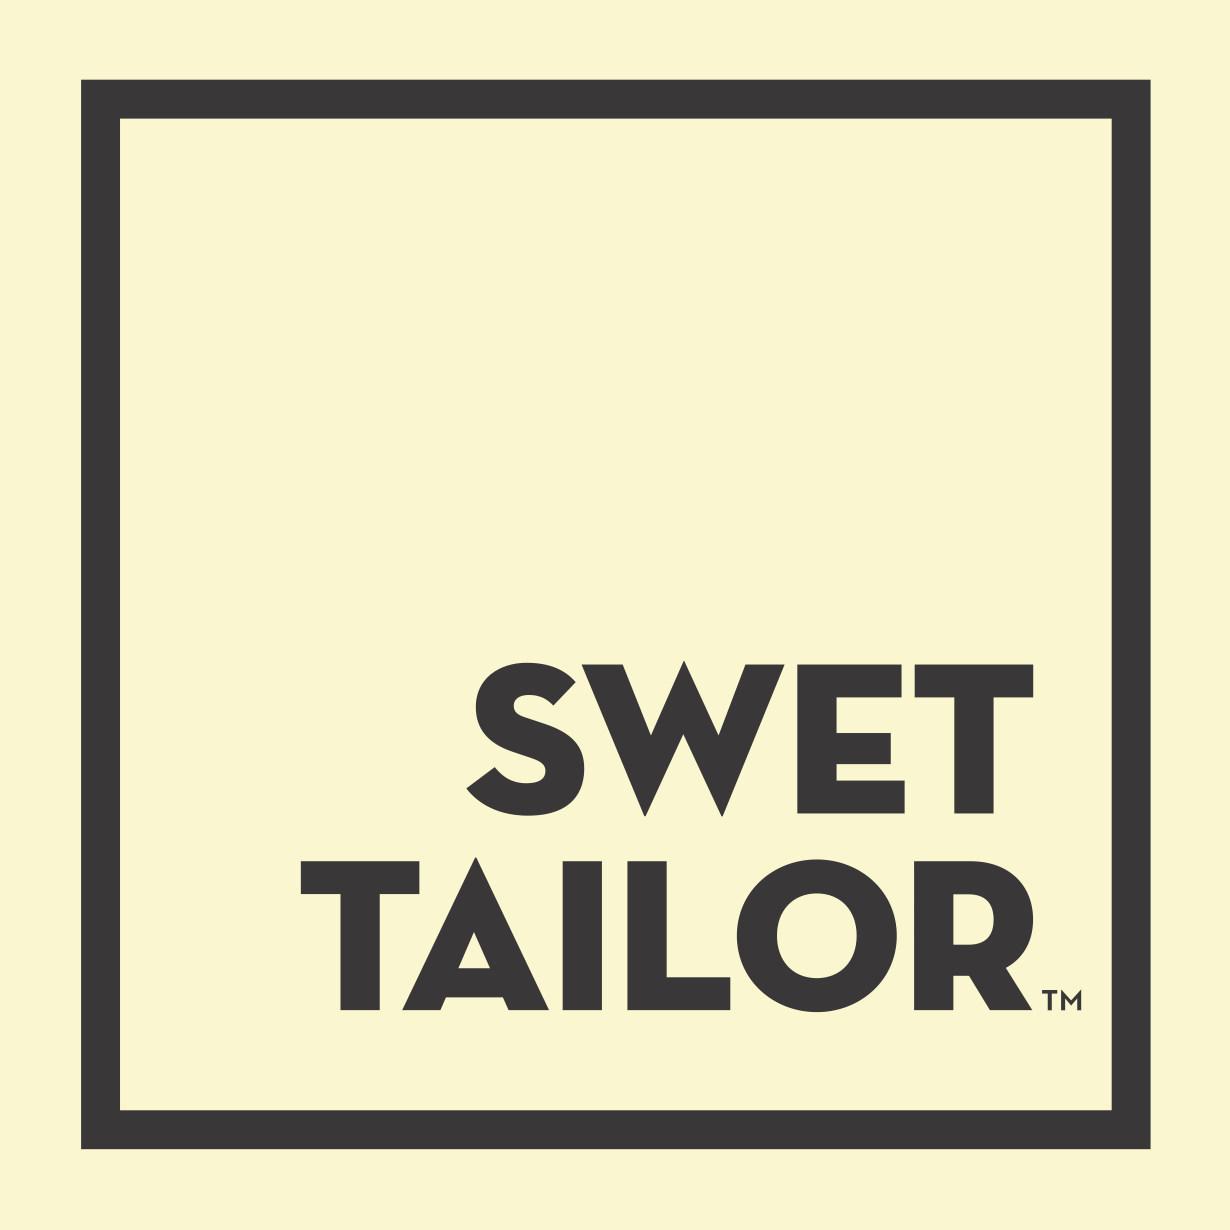 Shop Swet Tailor logo